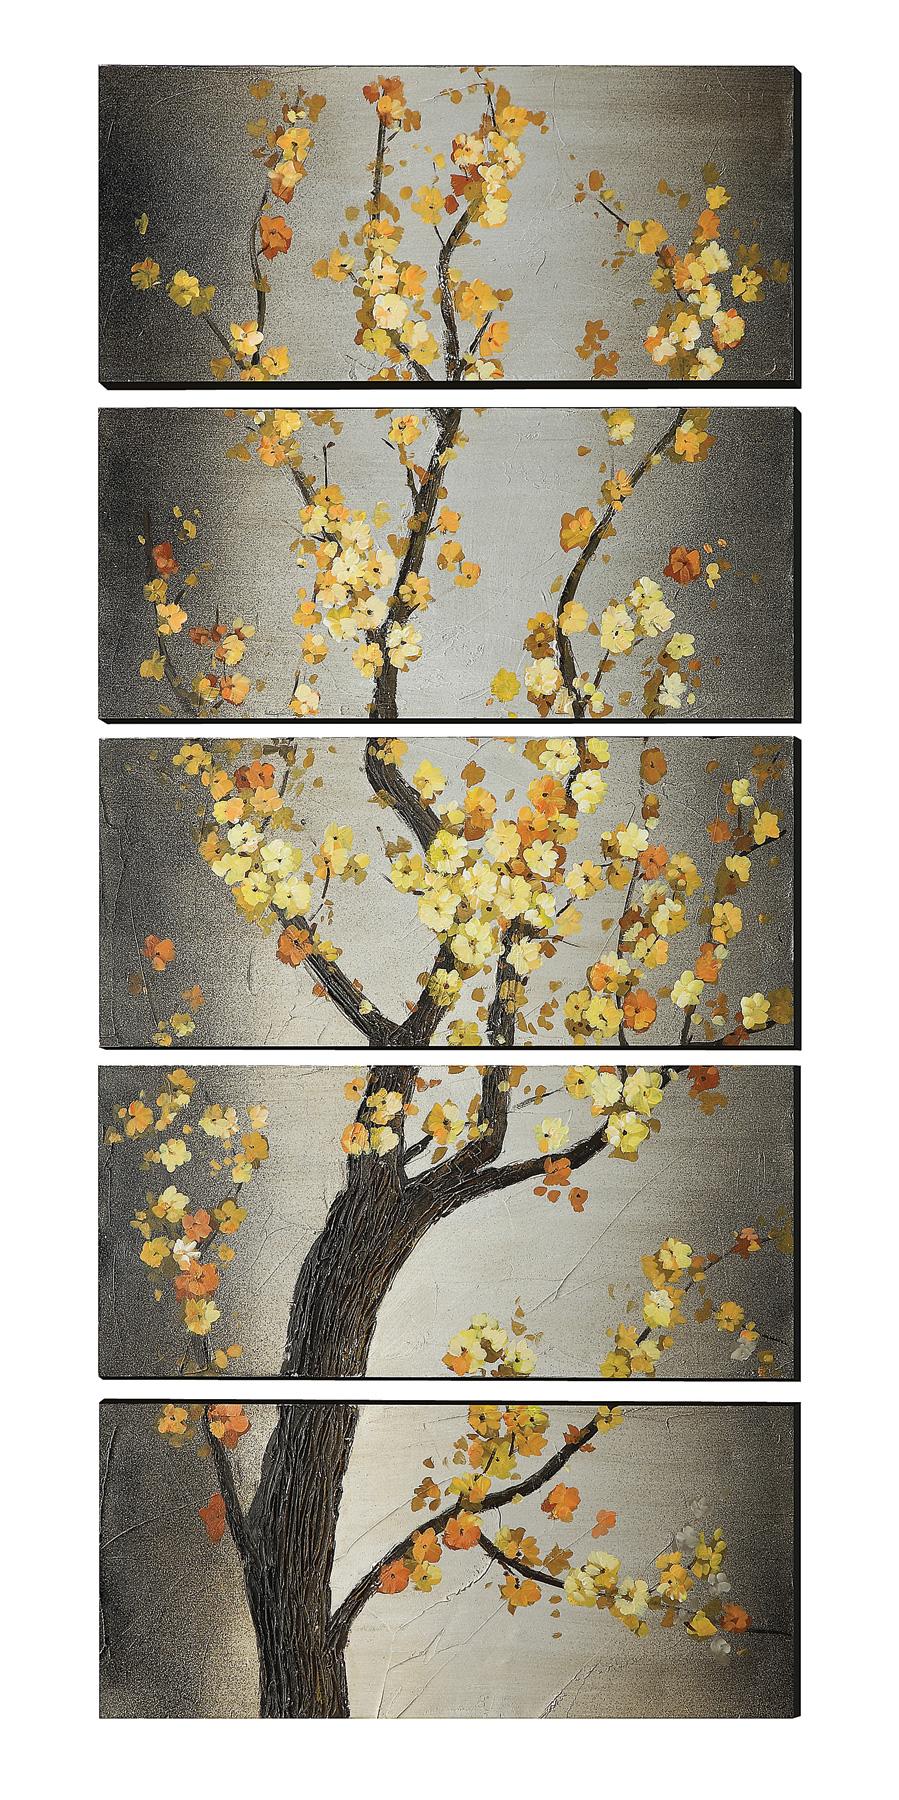 Wall Art Art by Coaster at Lapeer Furniture & Mattress Center